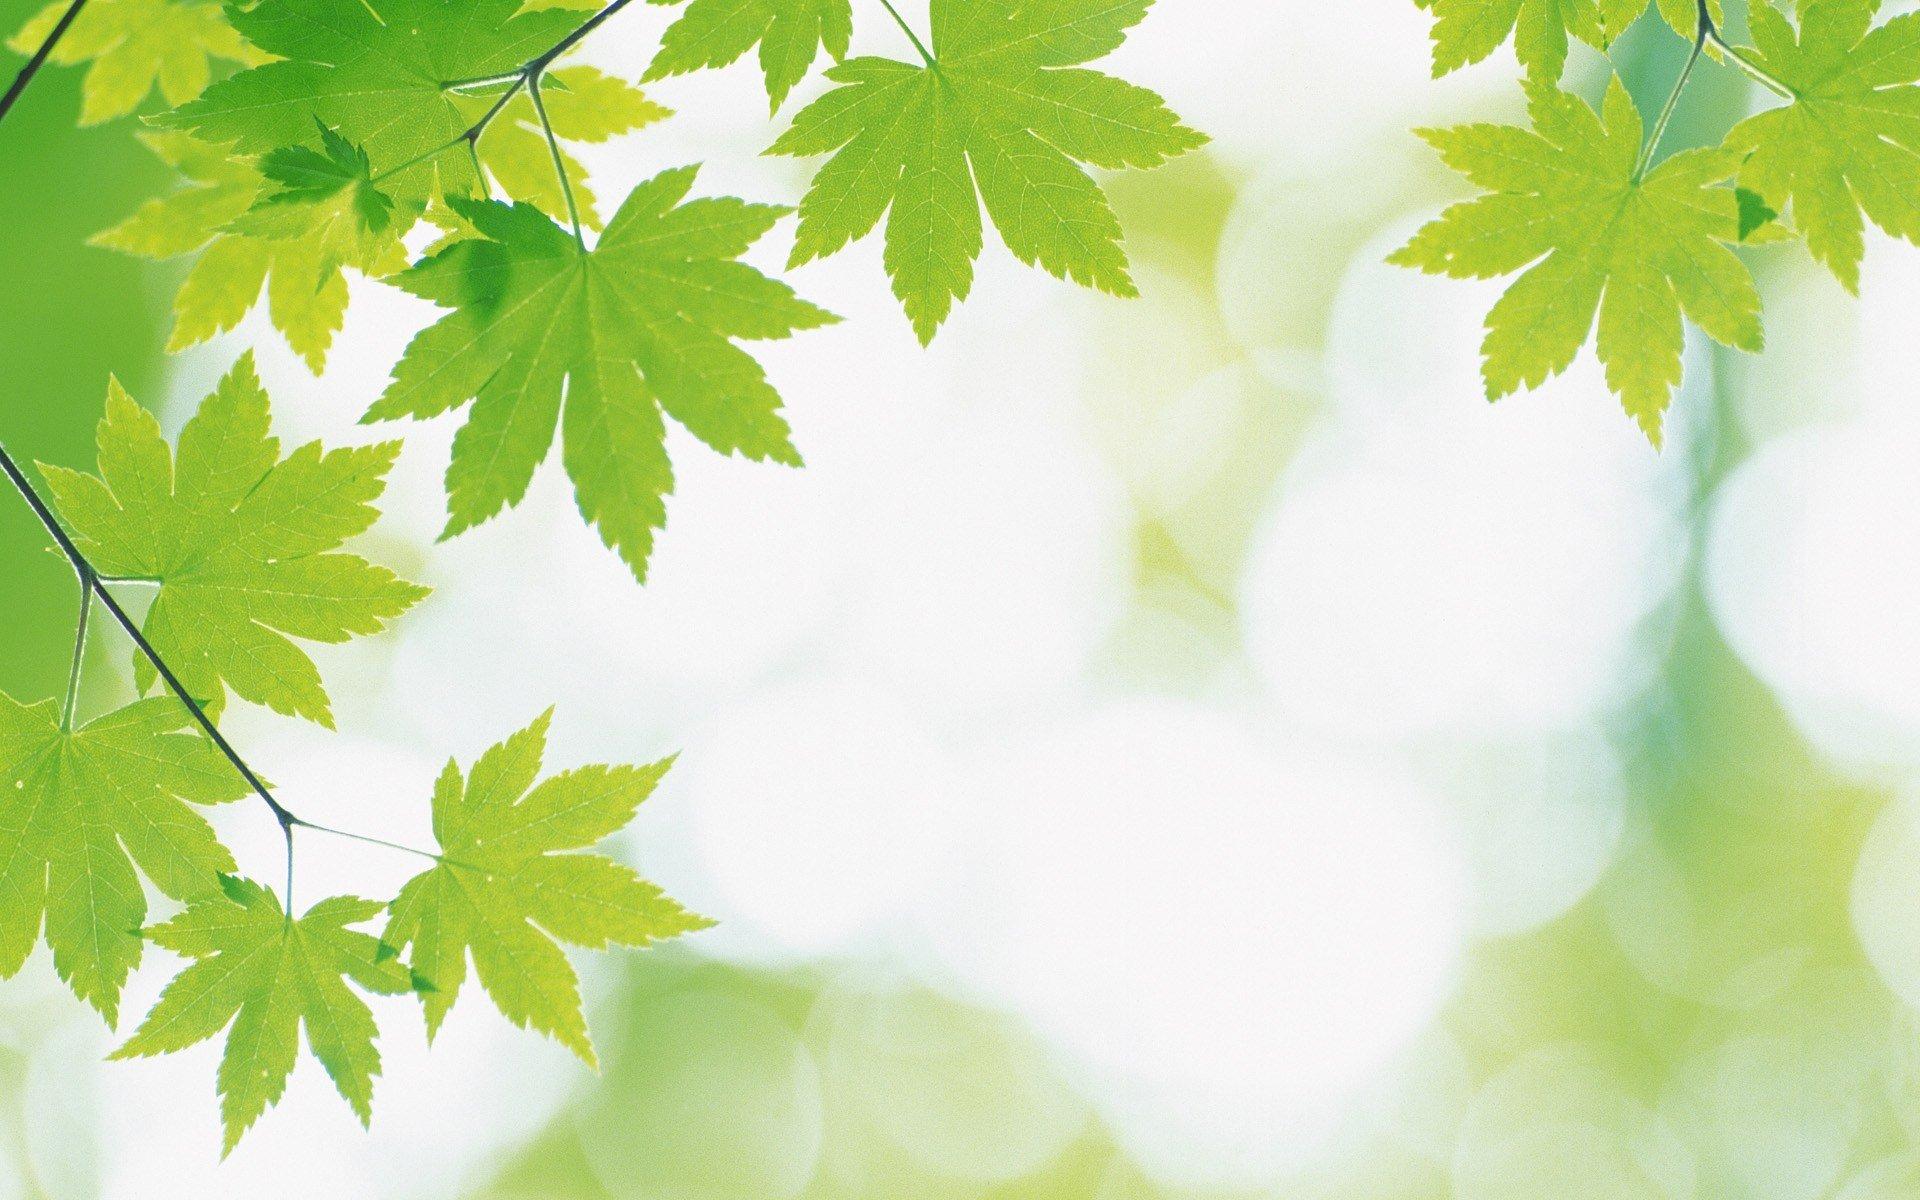 背景 壁纸 绿色 绿叶 树叶 植物 桌面 1920_1200